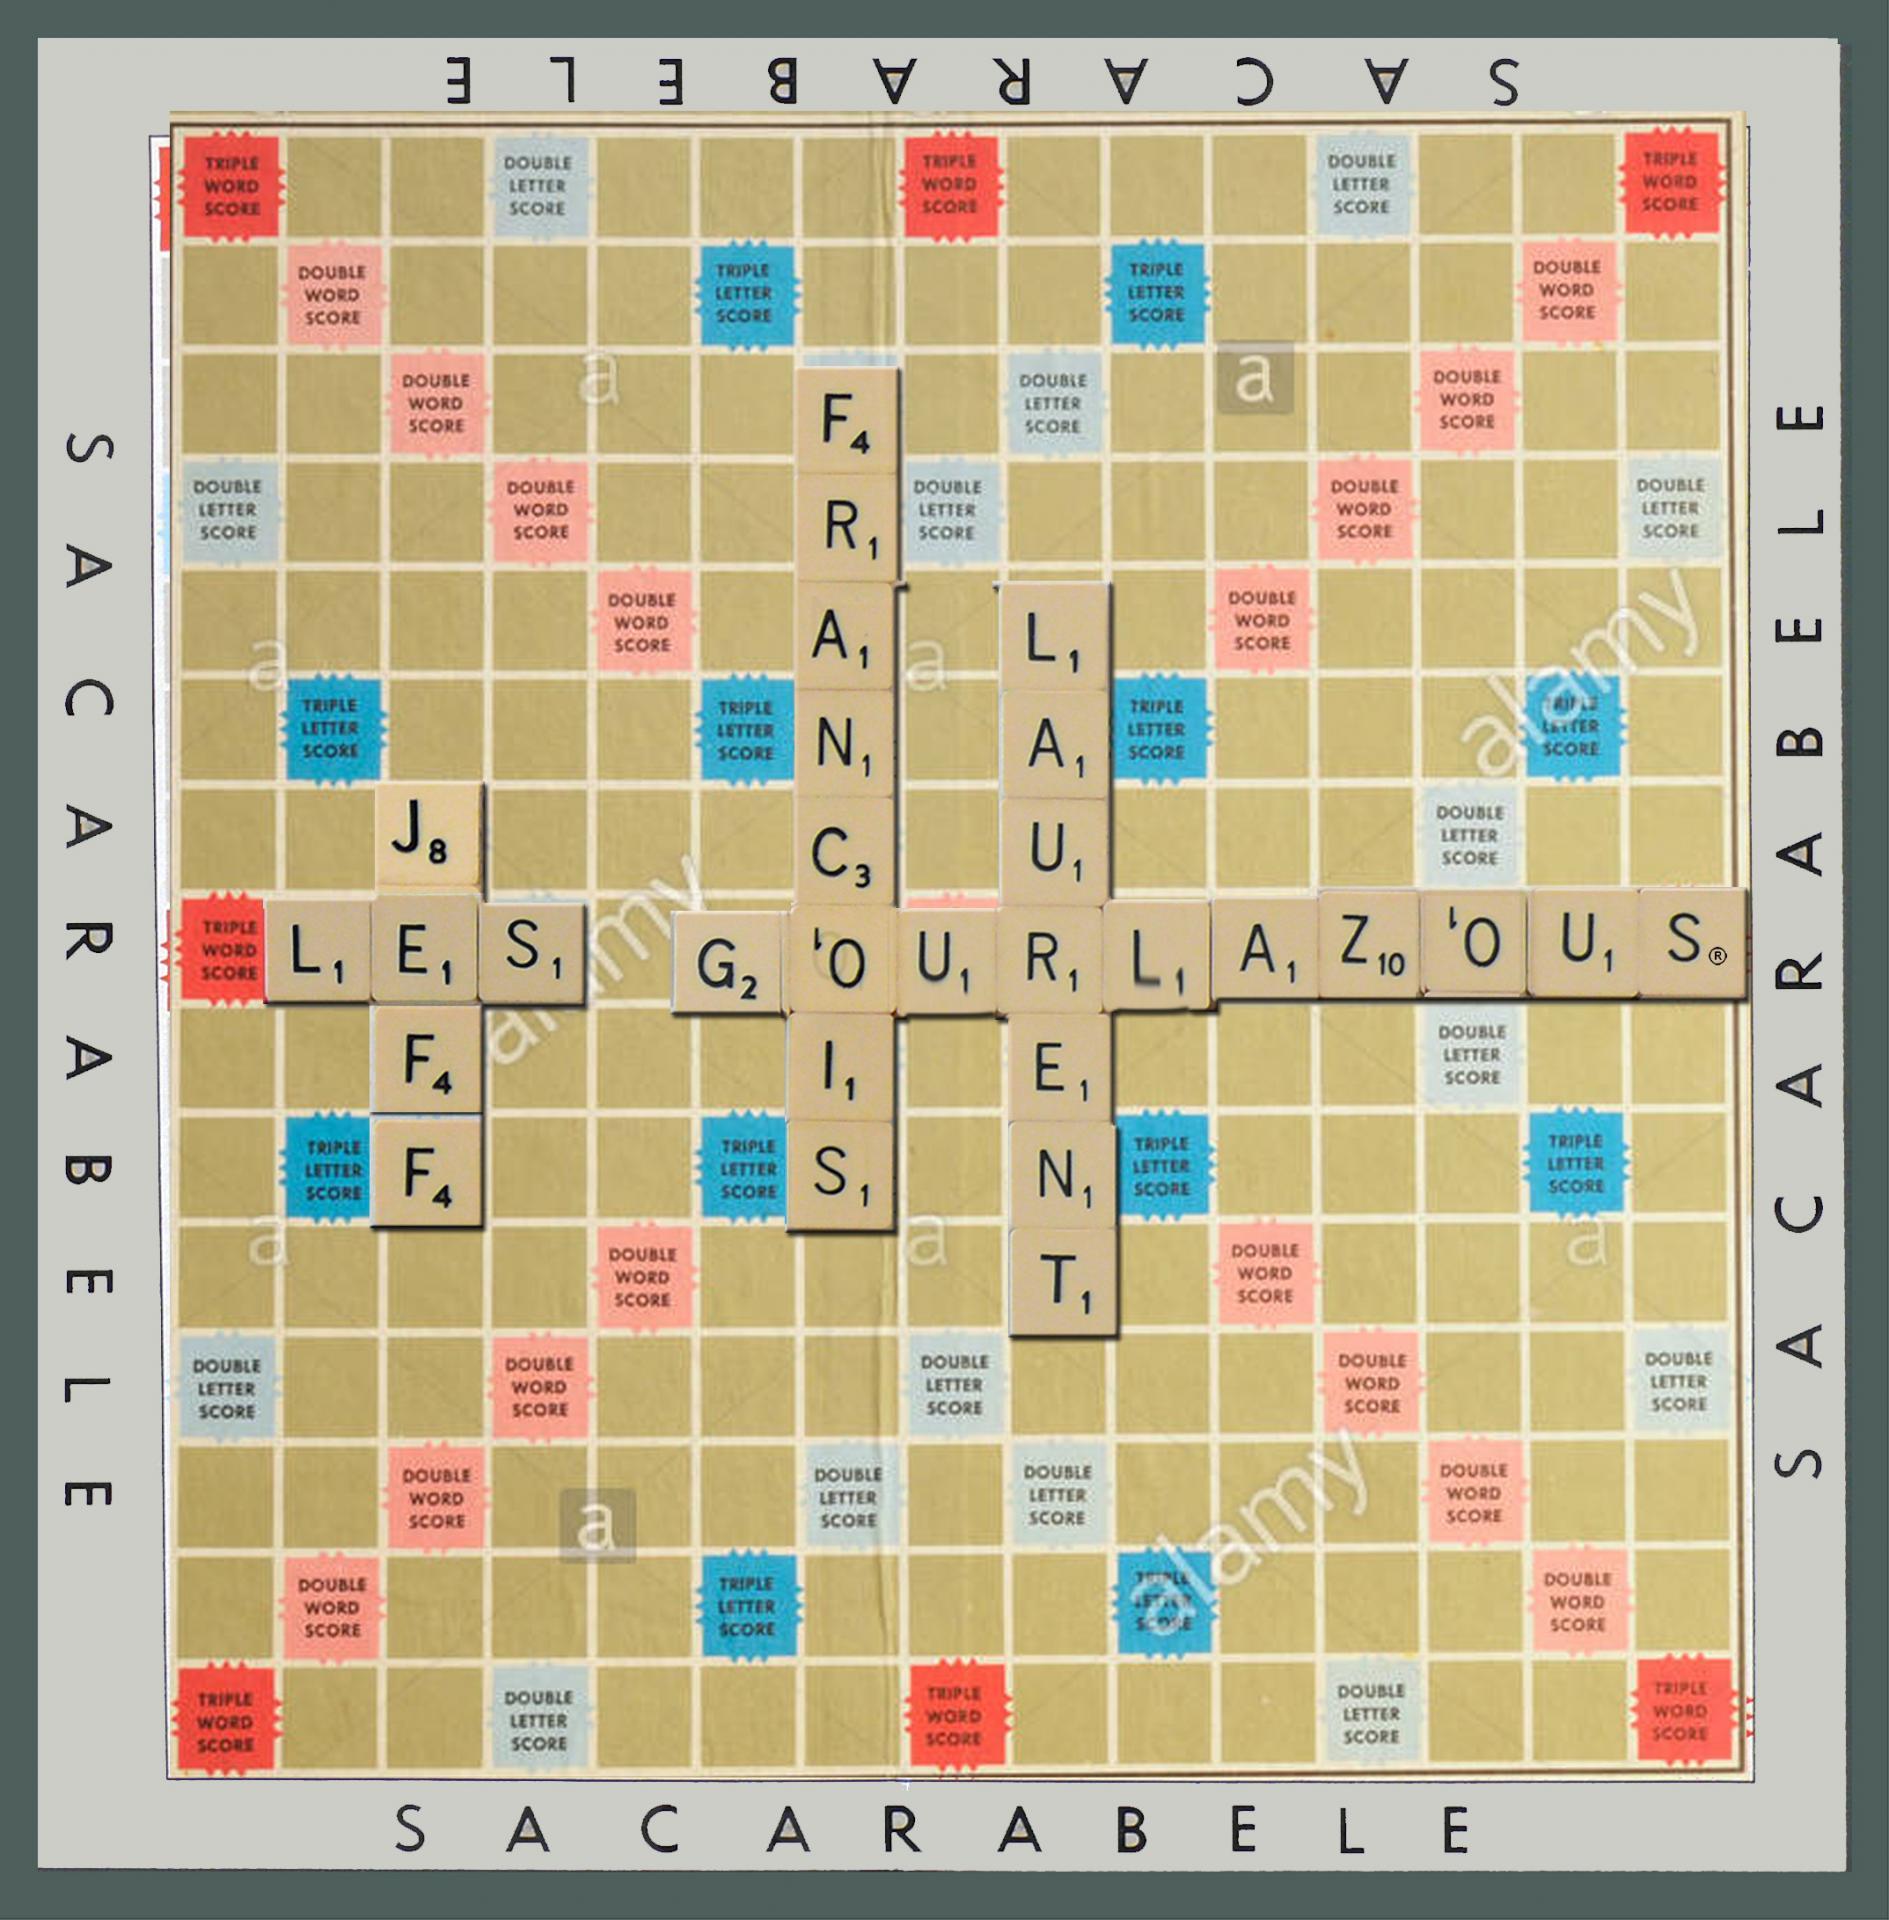 Scrabble partez gagnant 2020